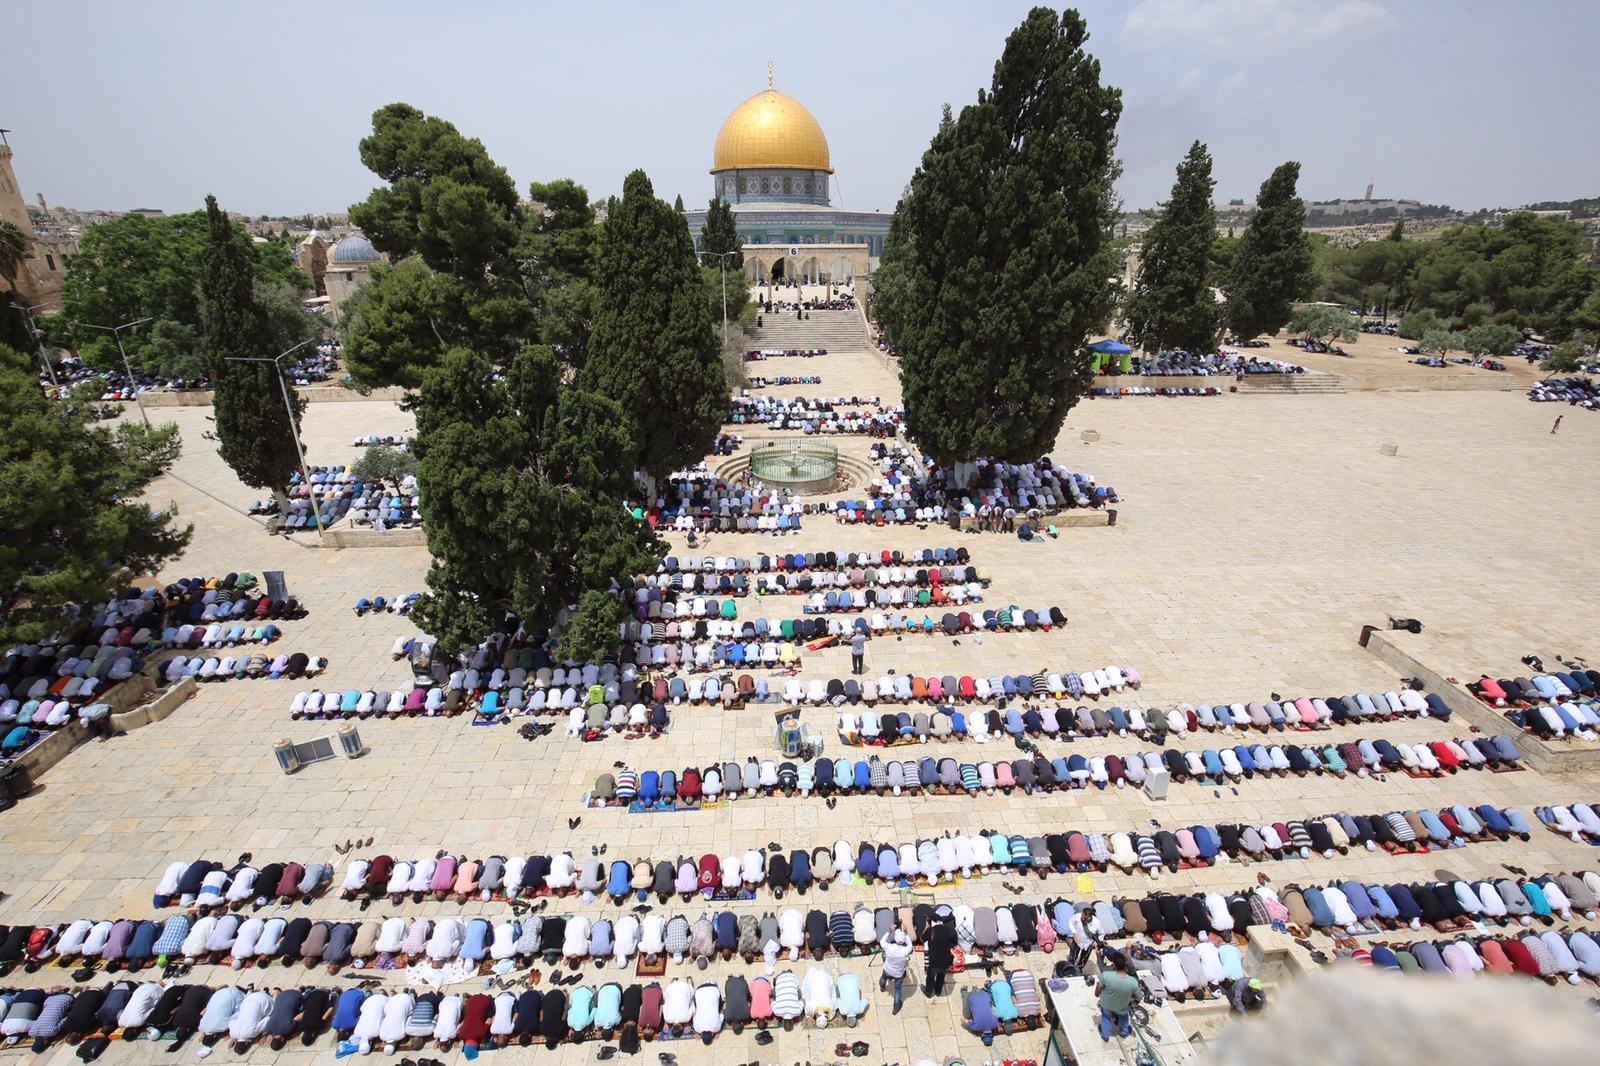 القدس: اكثر من 100 الف مصل يؤدون الجمعة الثالثة من رمضان في الاقصى